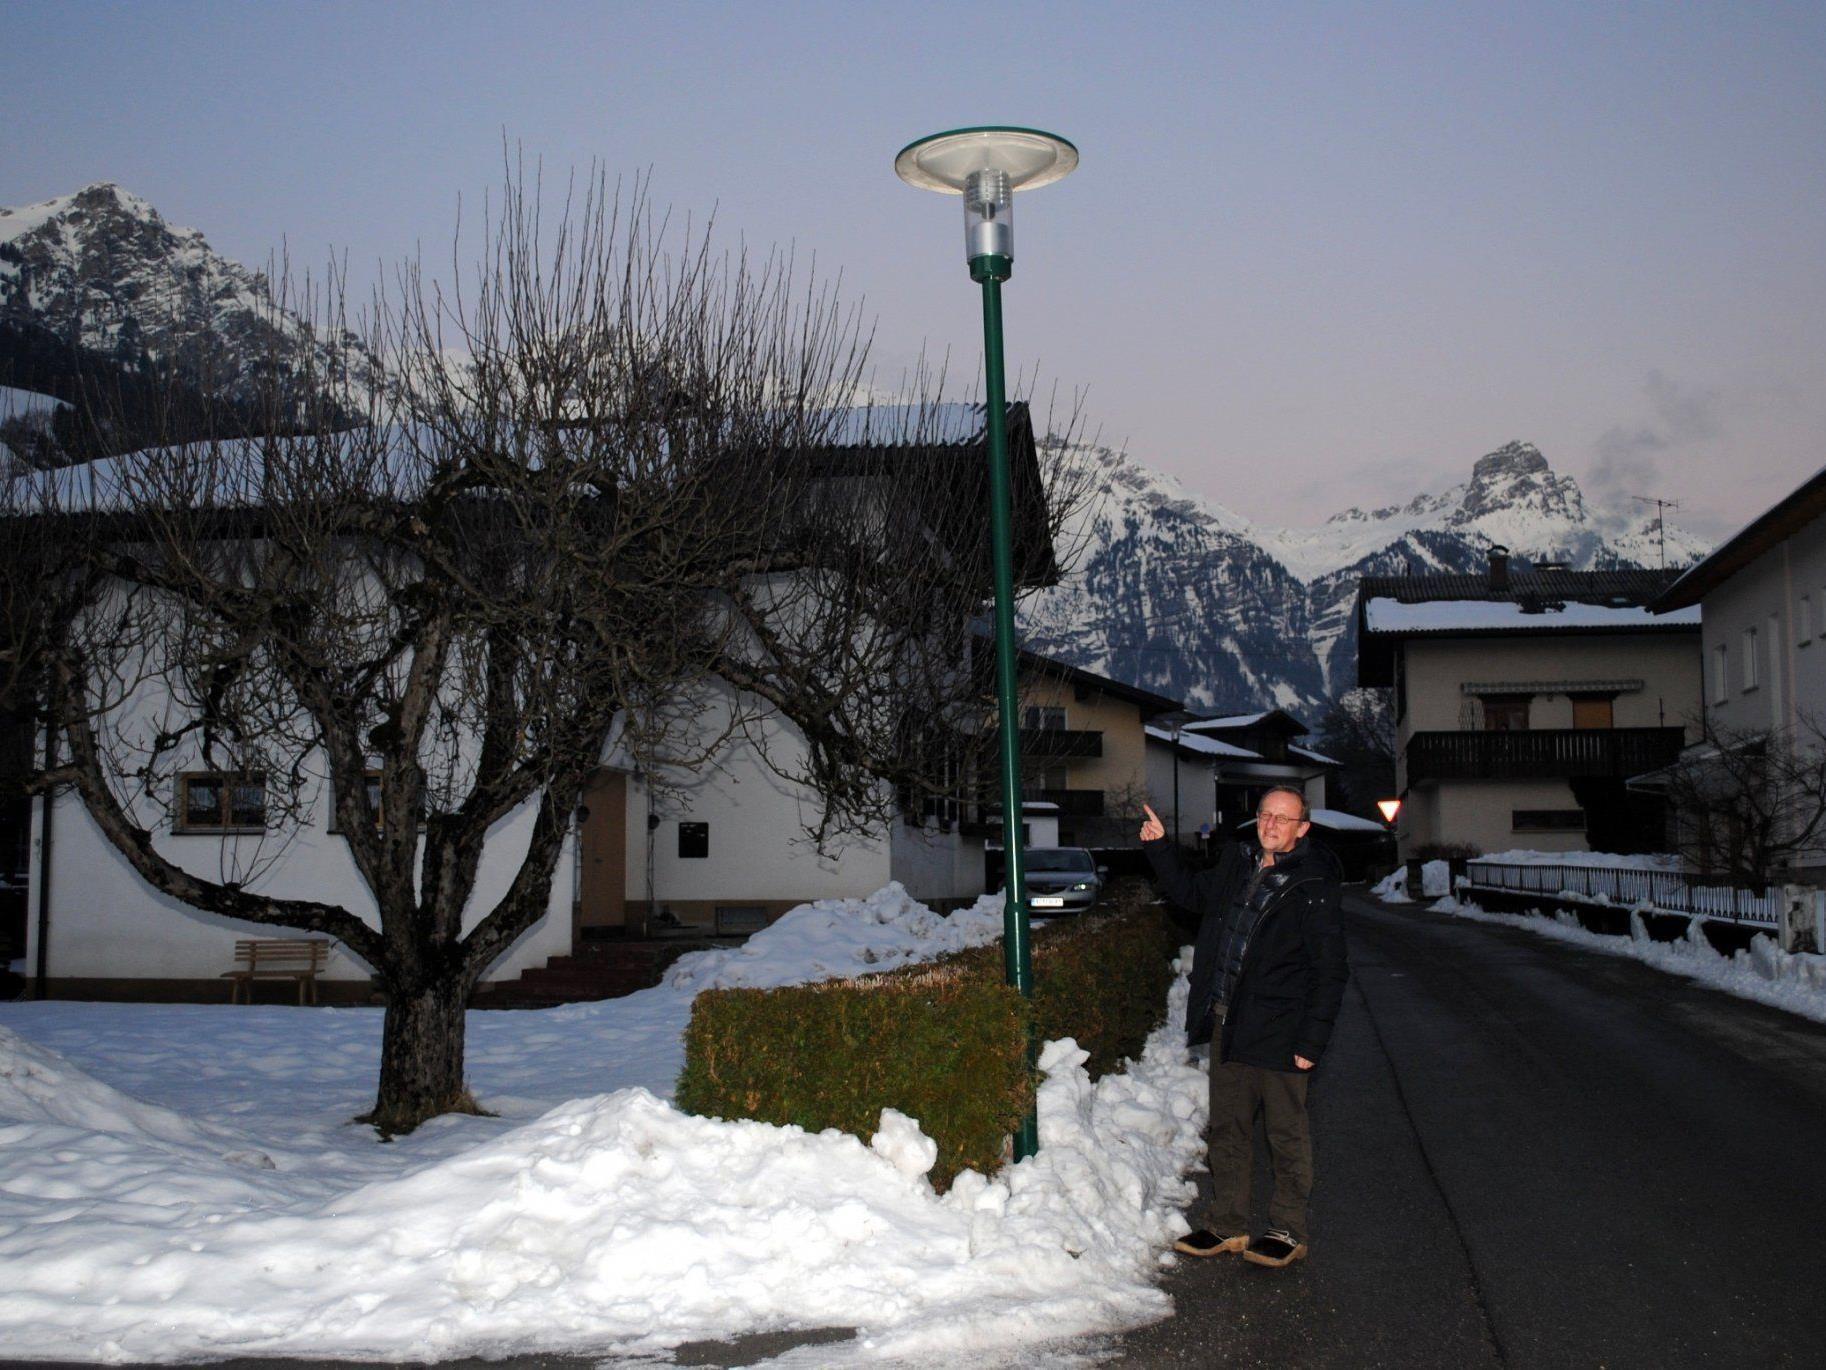 Bürgermeister Bertram Luger setzt auf die neue LED-Technologie